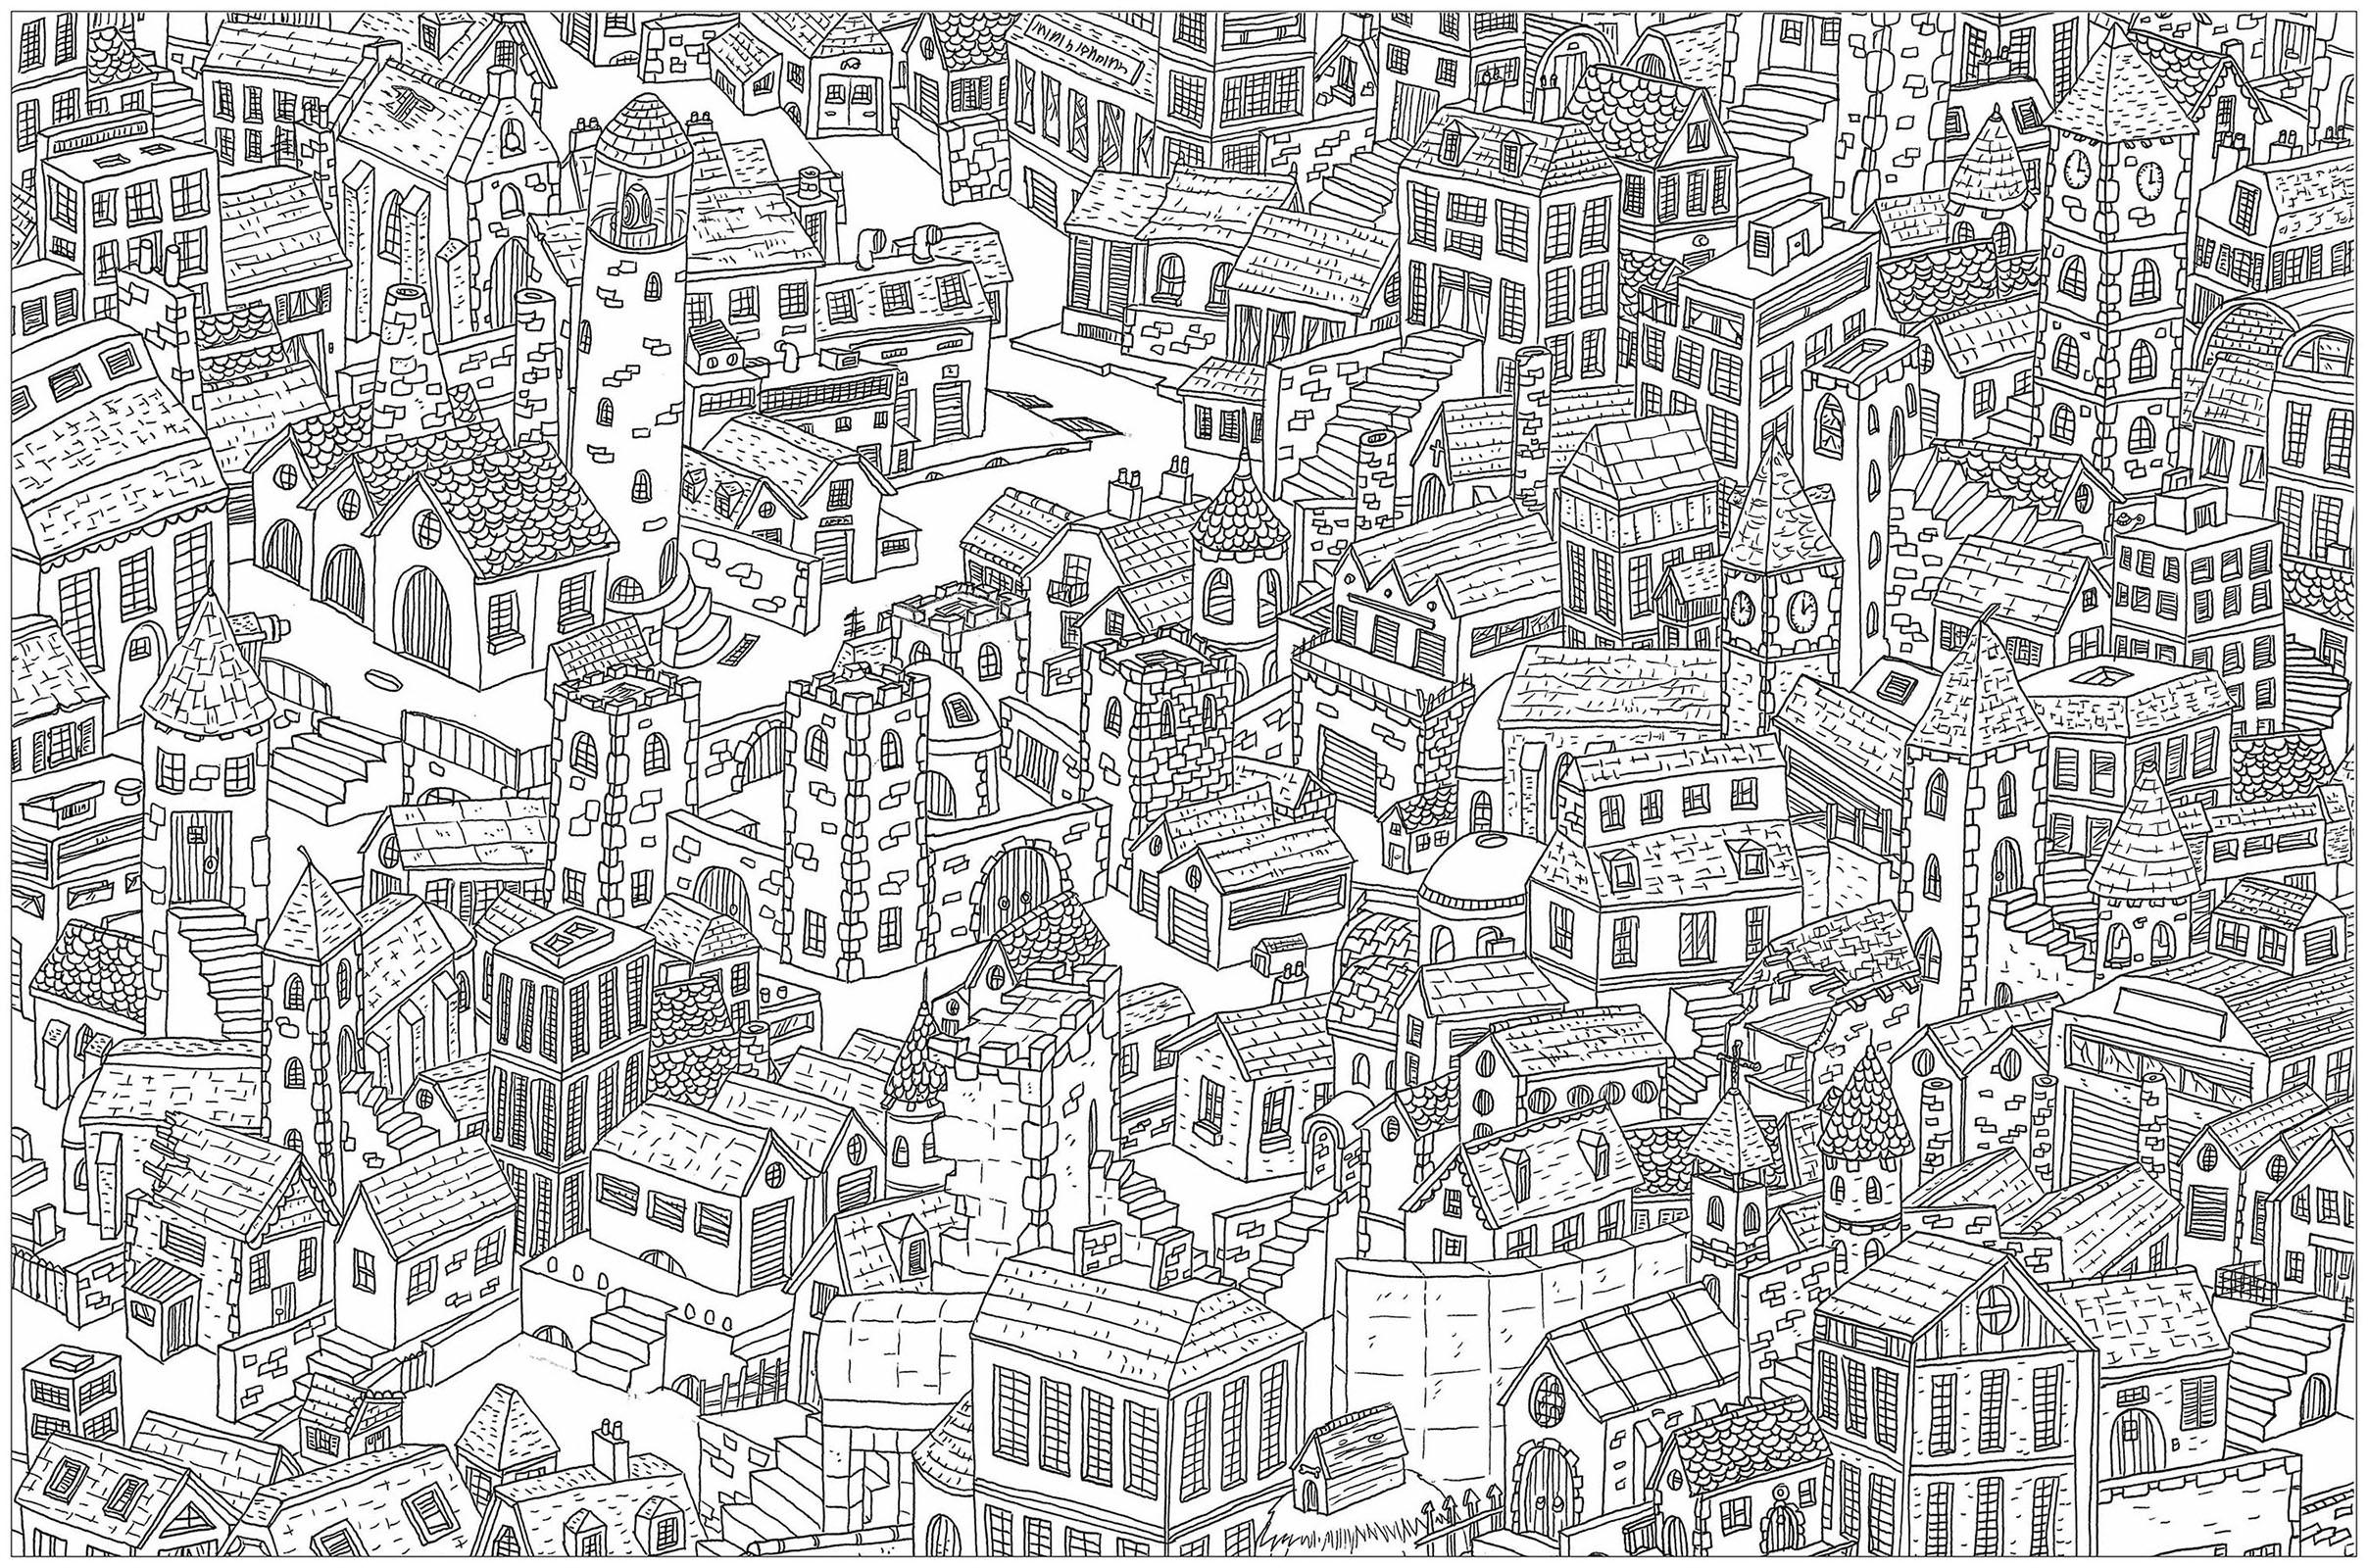 Dragon City Coloring Pages: - Architektur & Zuhause